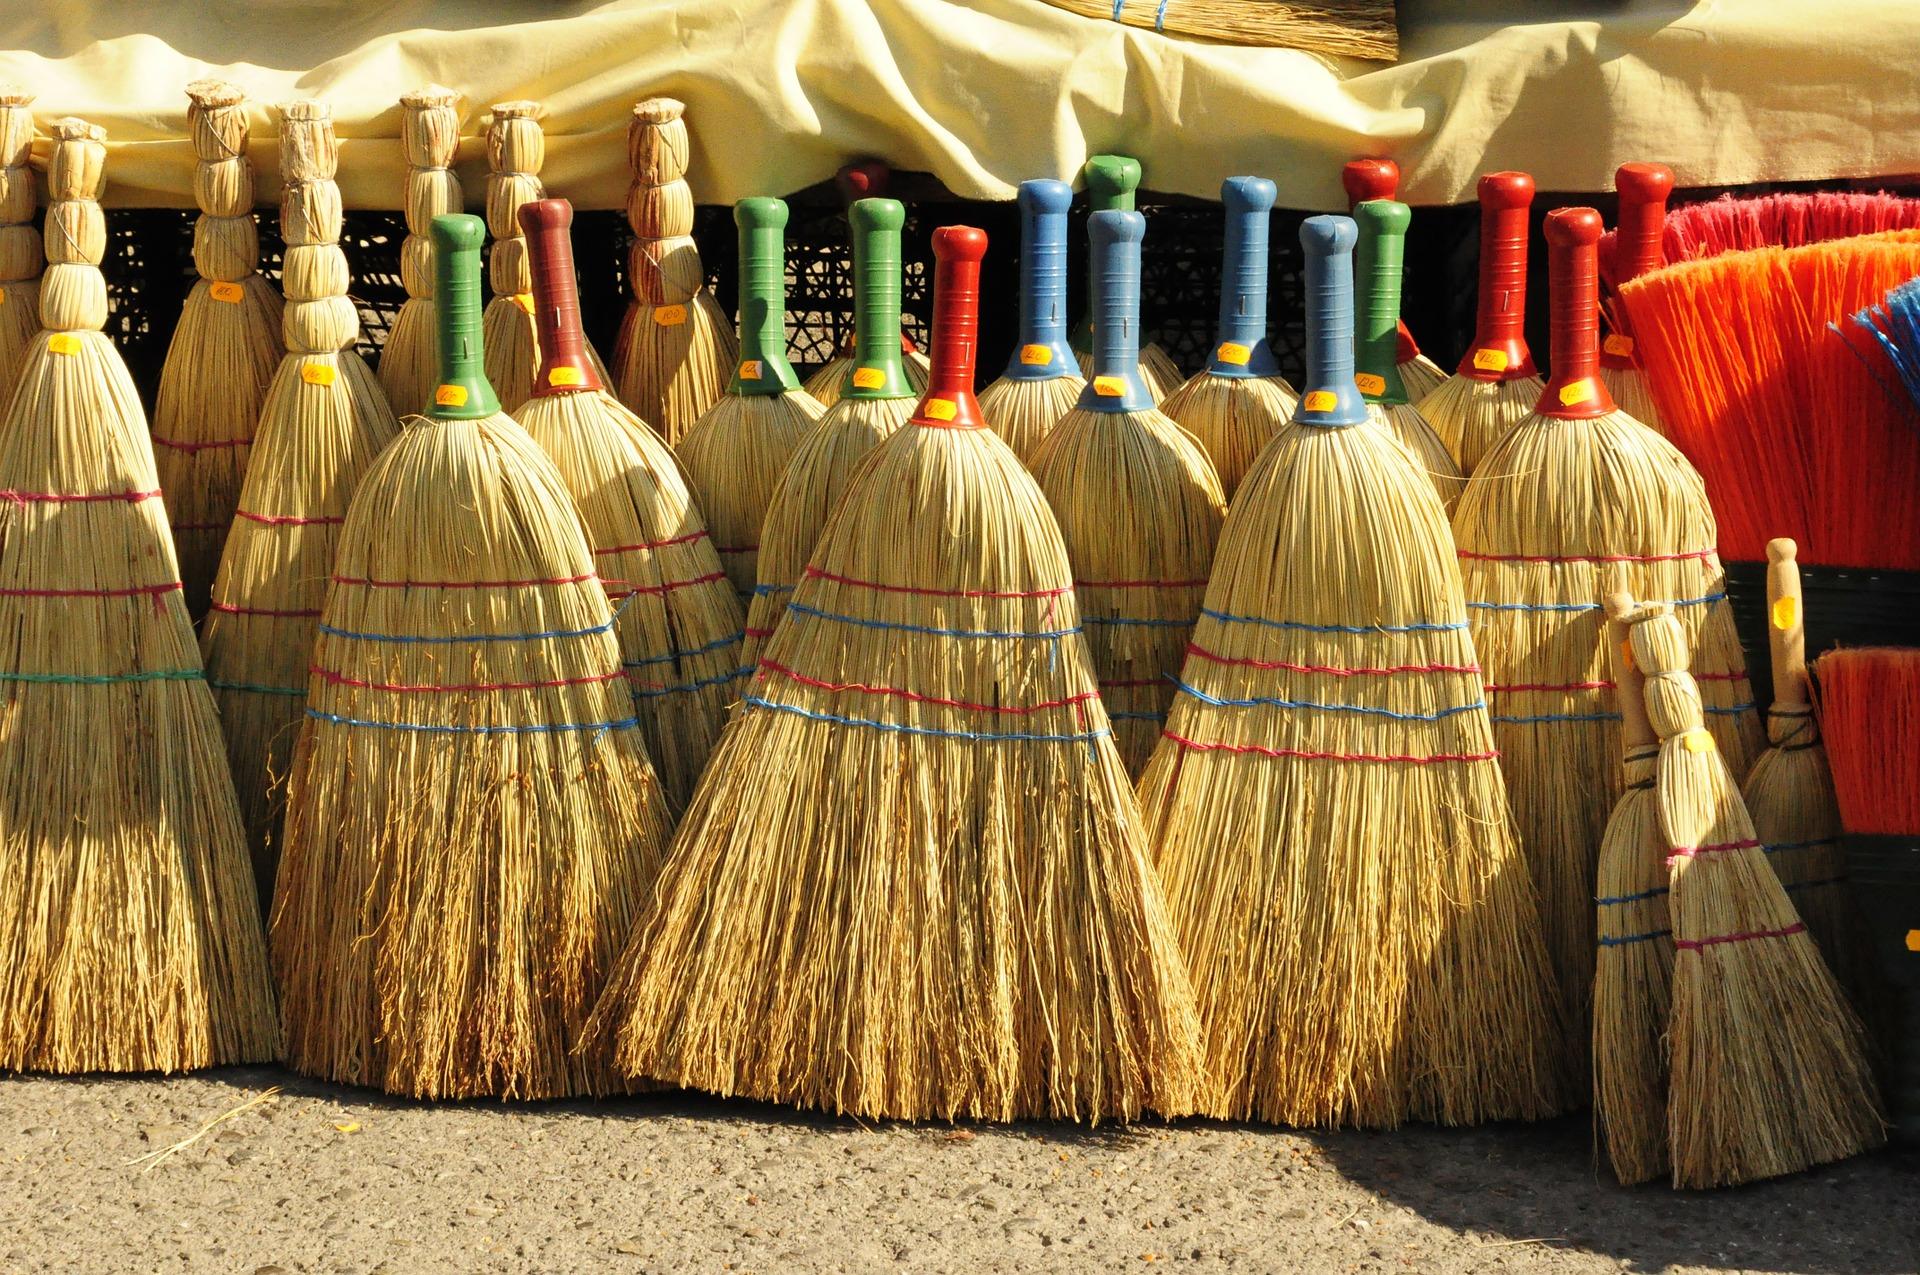 The Best Garden Broom